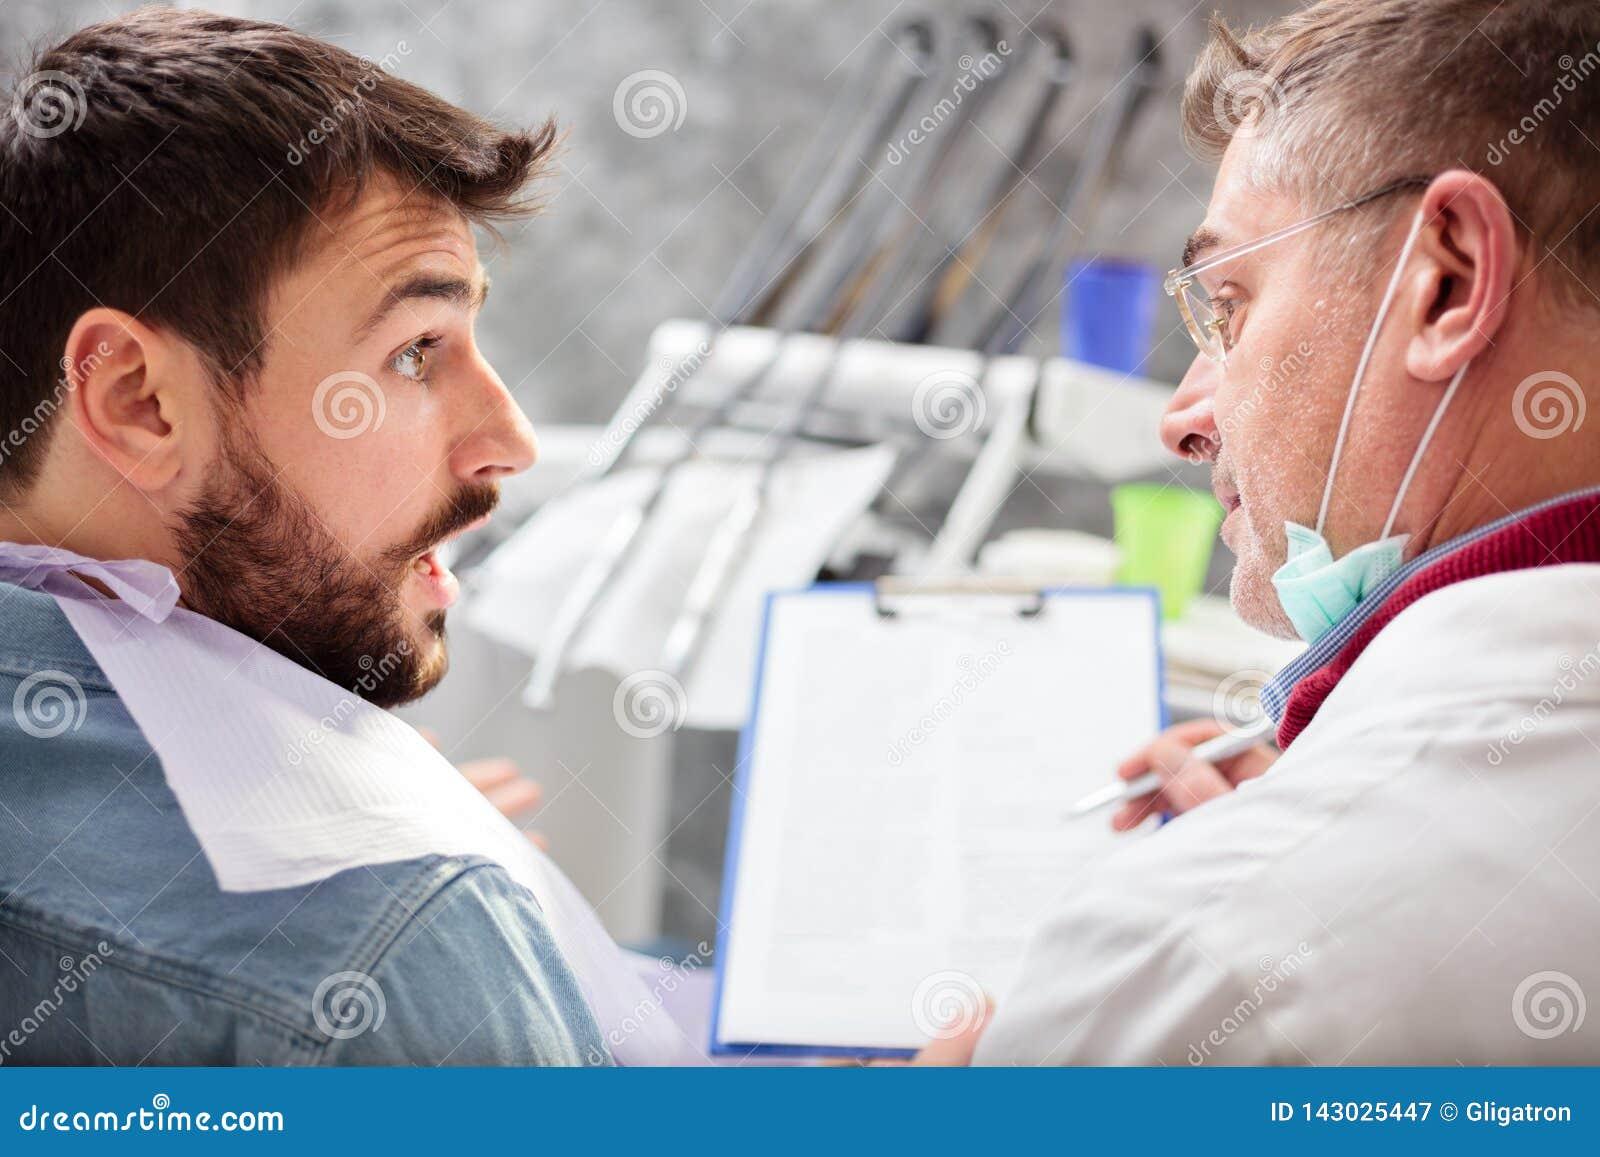 Зрелый мужской дантист писать детали пациента на доску сзажимом для бумаги, советуя с во время экзамена в зубоврачебной клинике